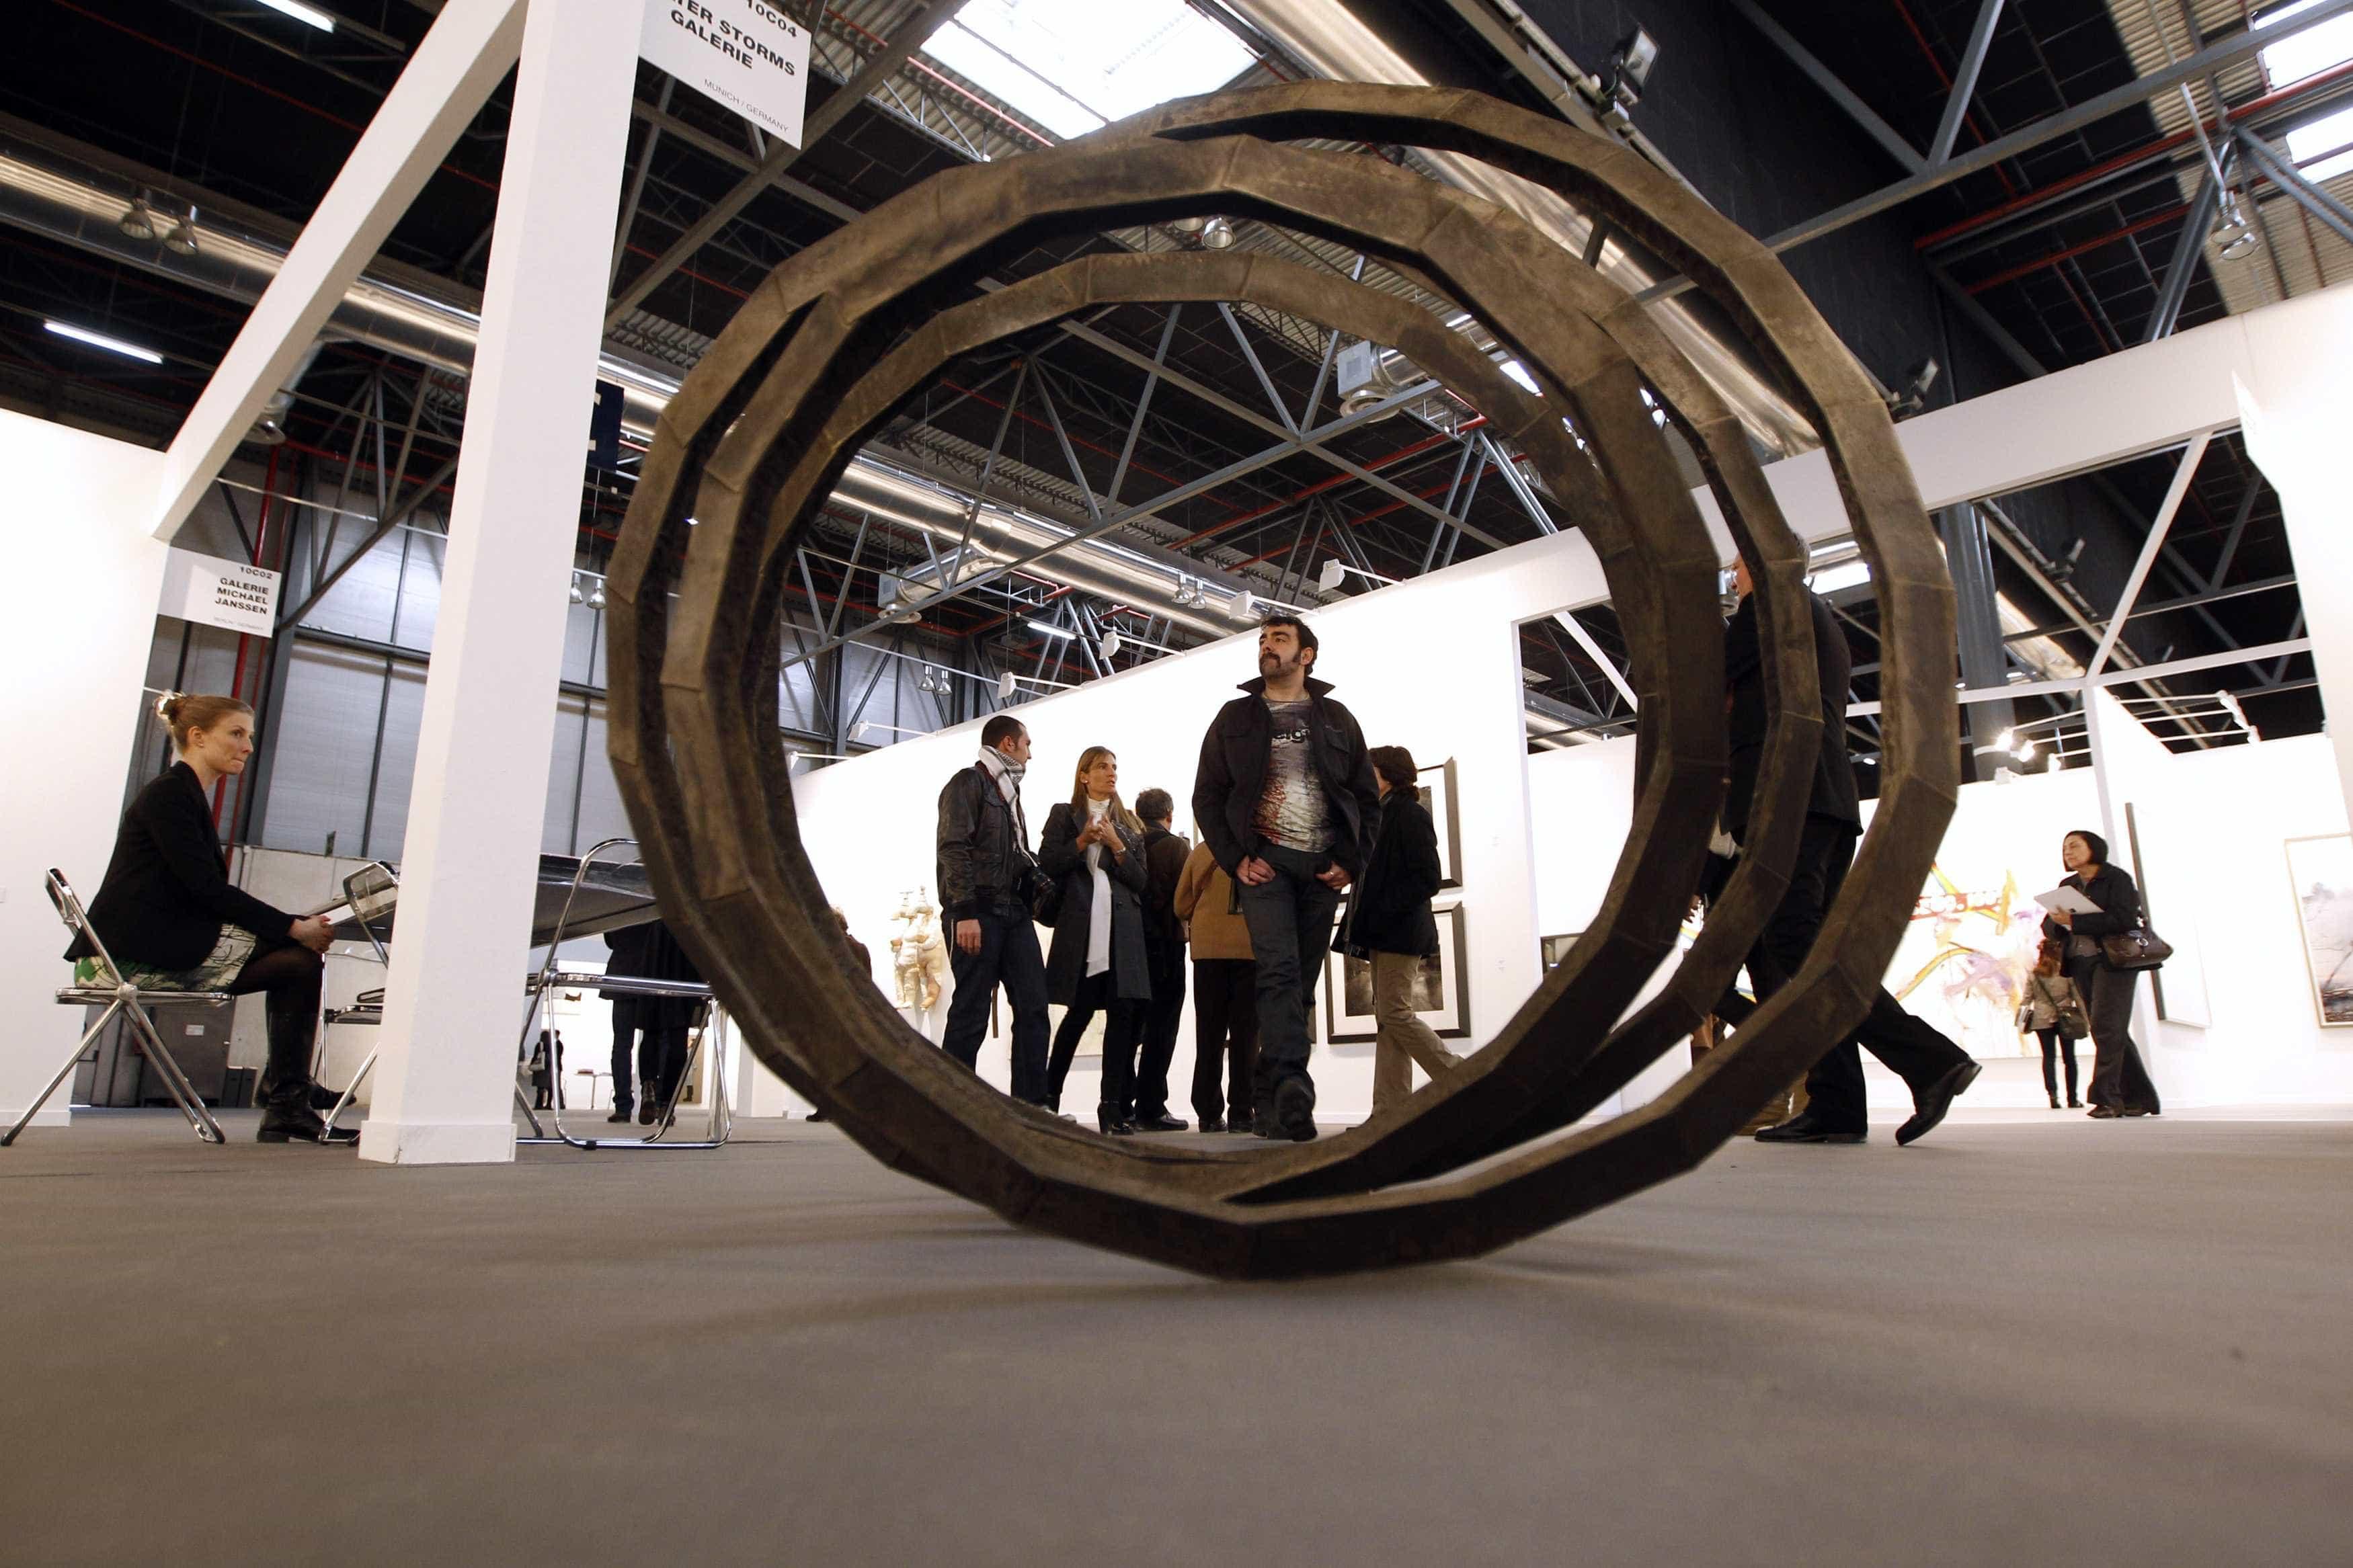 Escultura com imagem do rei de Espanha lança polémica na ARCOmadrid